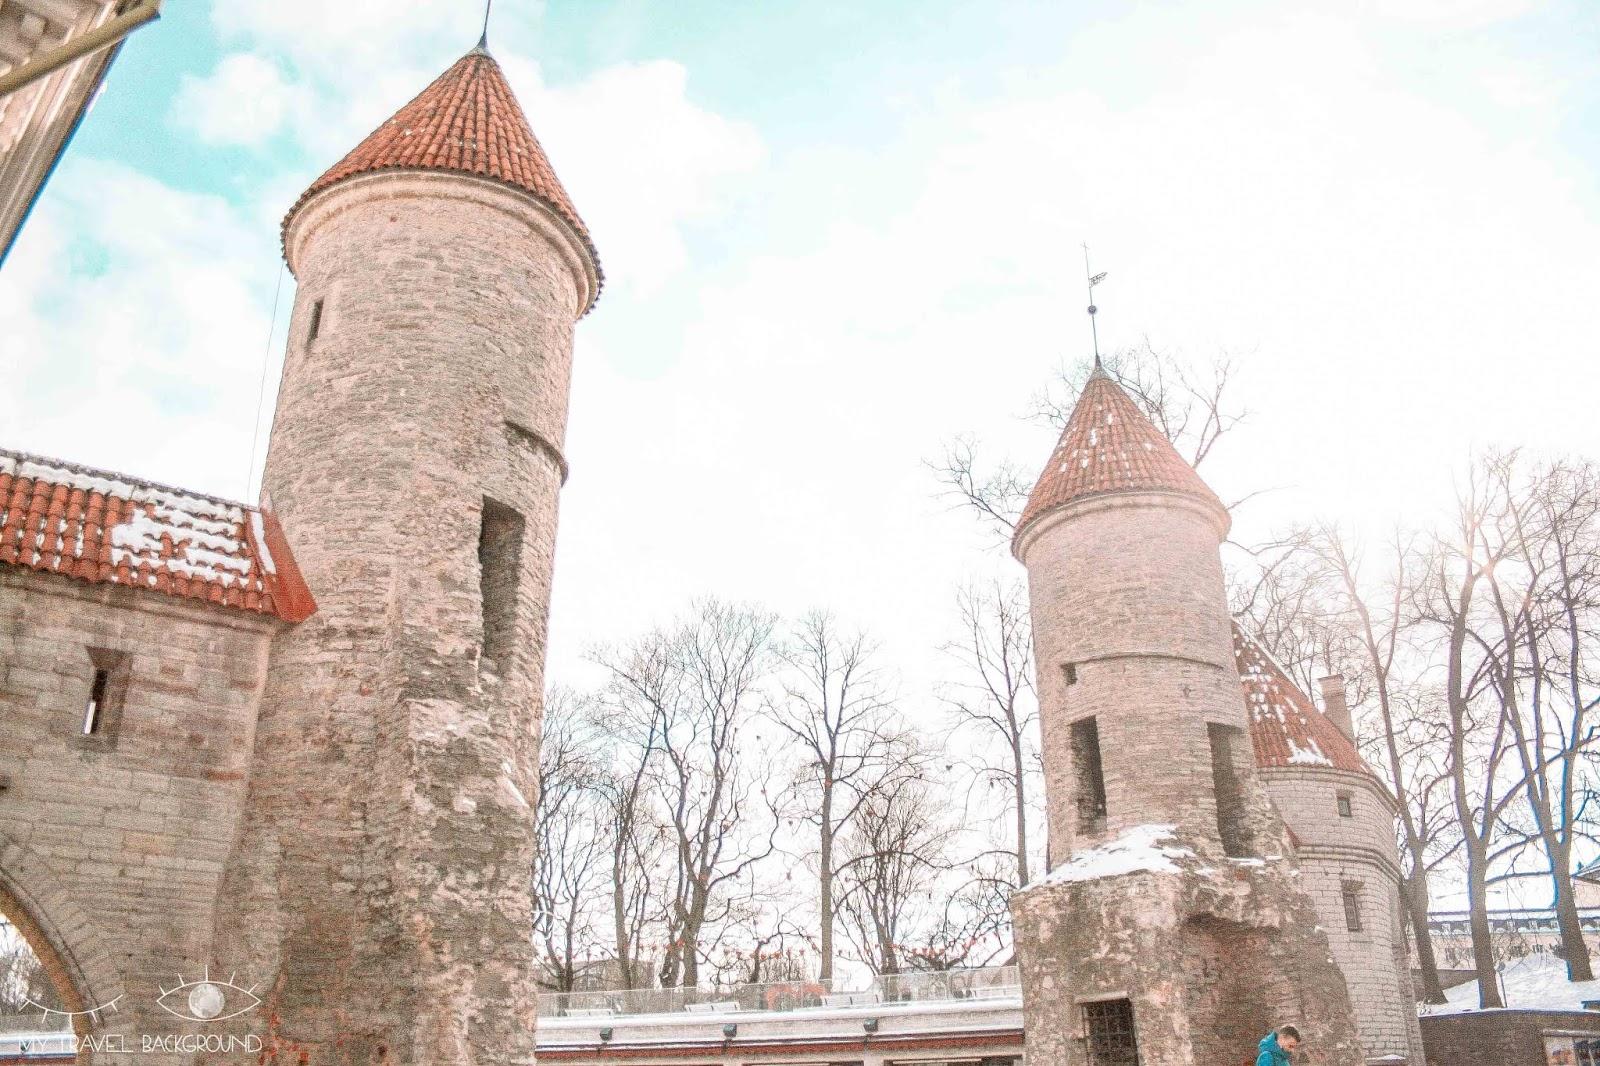 My Travel Background : Escale à Tallinn en Estonie, la perle de la Mer Baltique - Les remparts de Tallinn